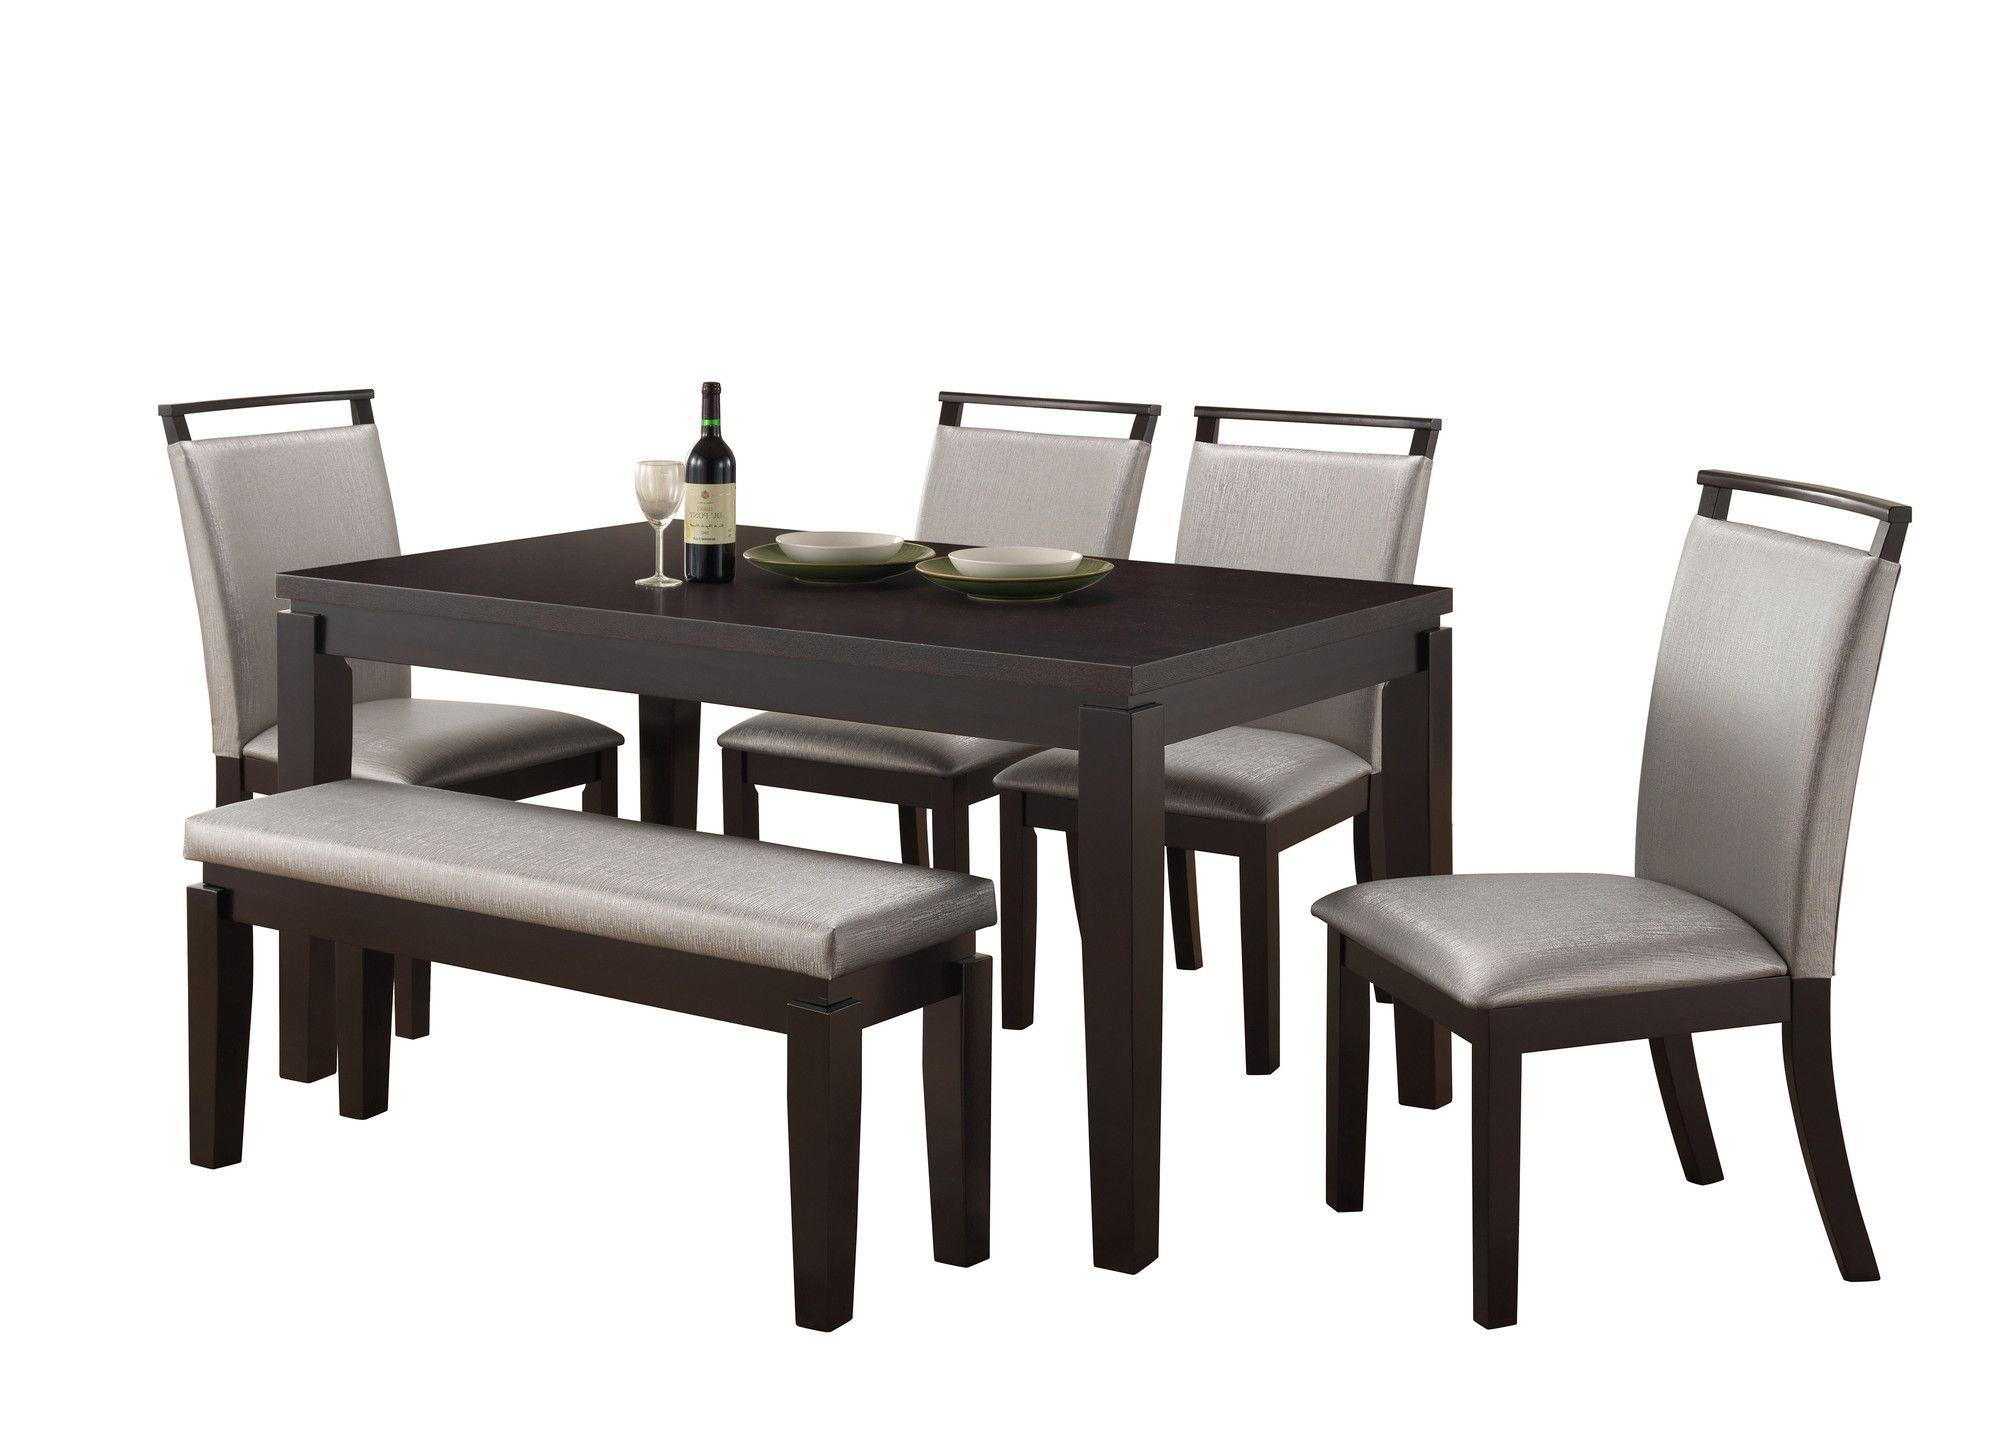 Garett Upholstered Dining Bench | Küchen, Bänke und Küchenbänke